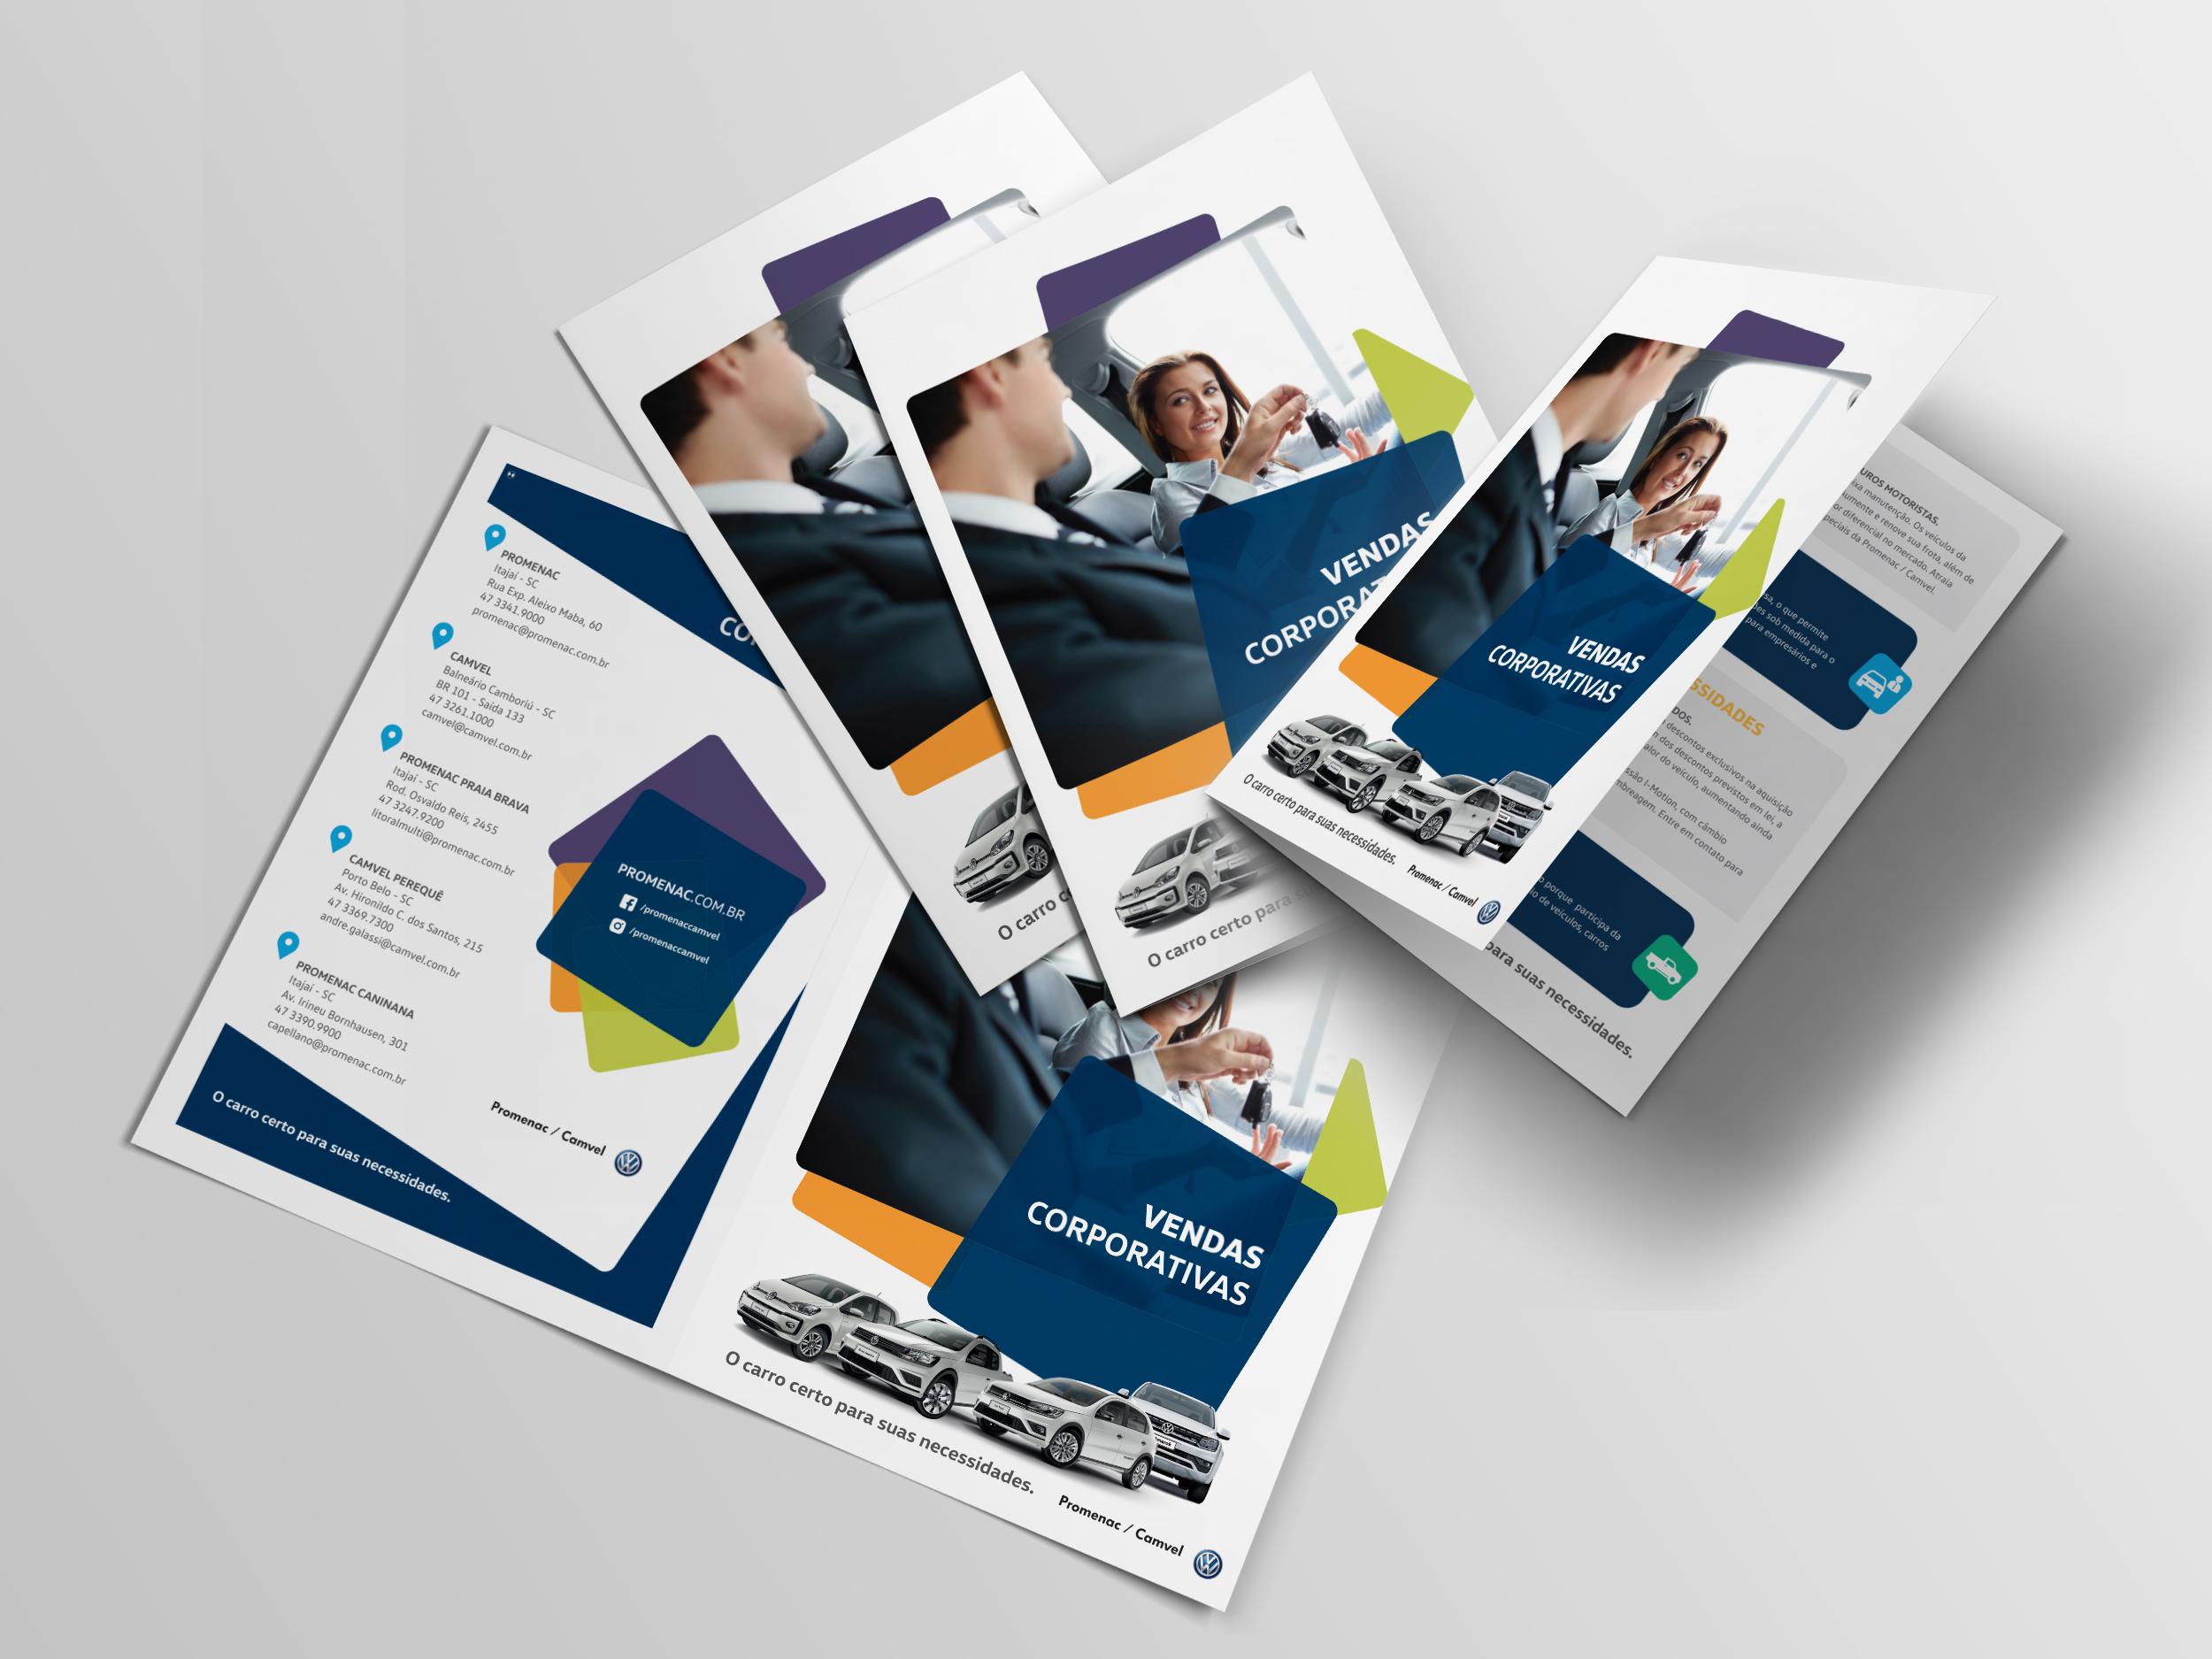 bifold brochure invista comunicação